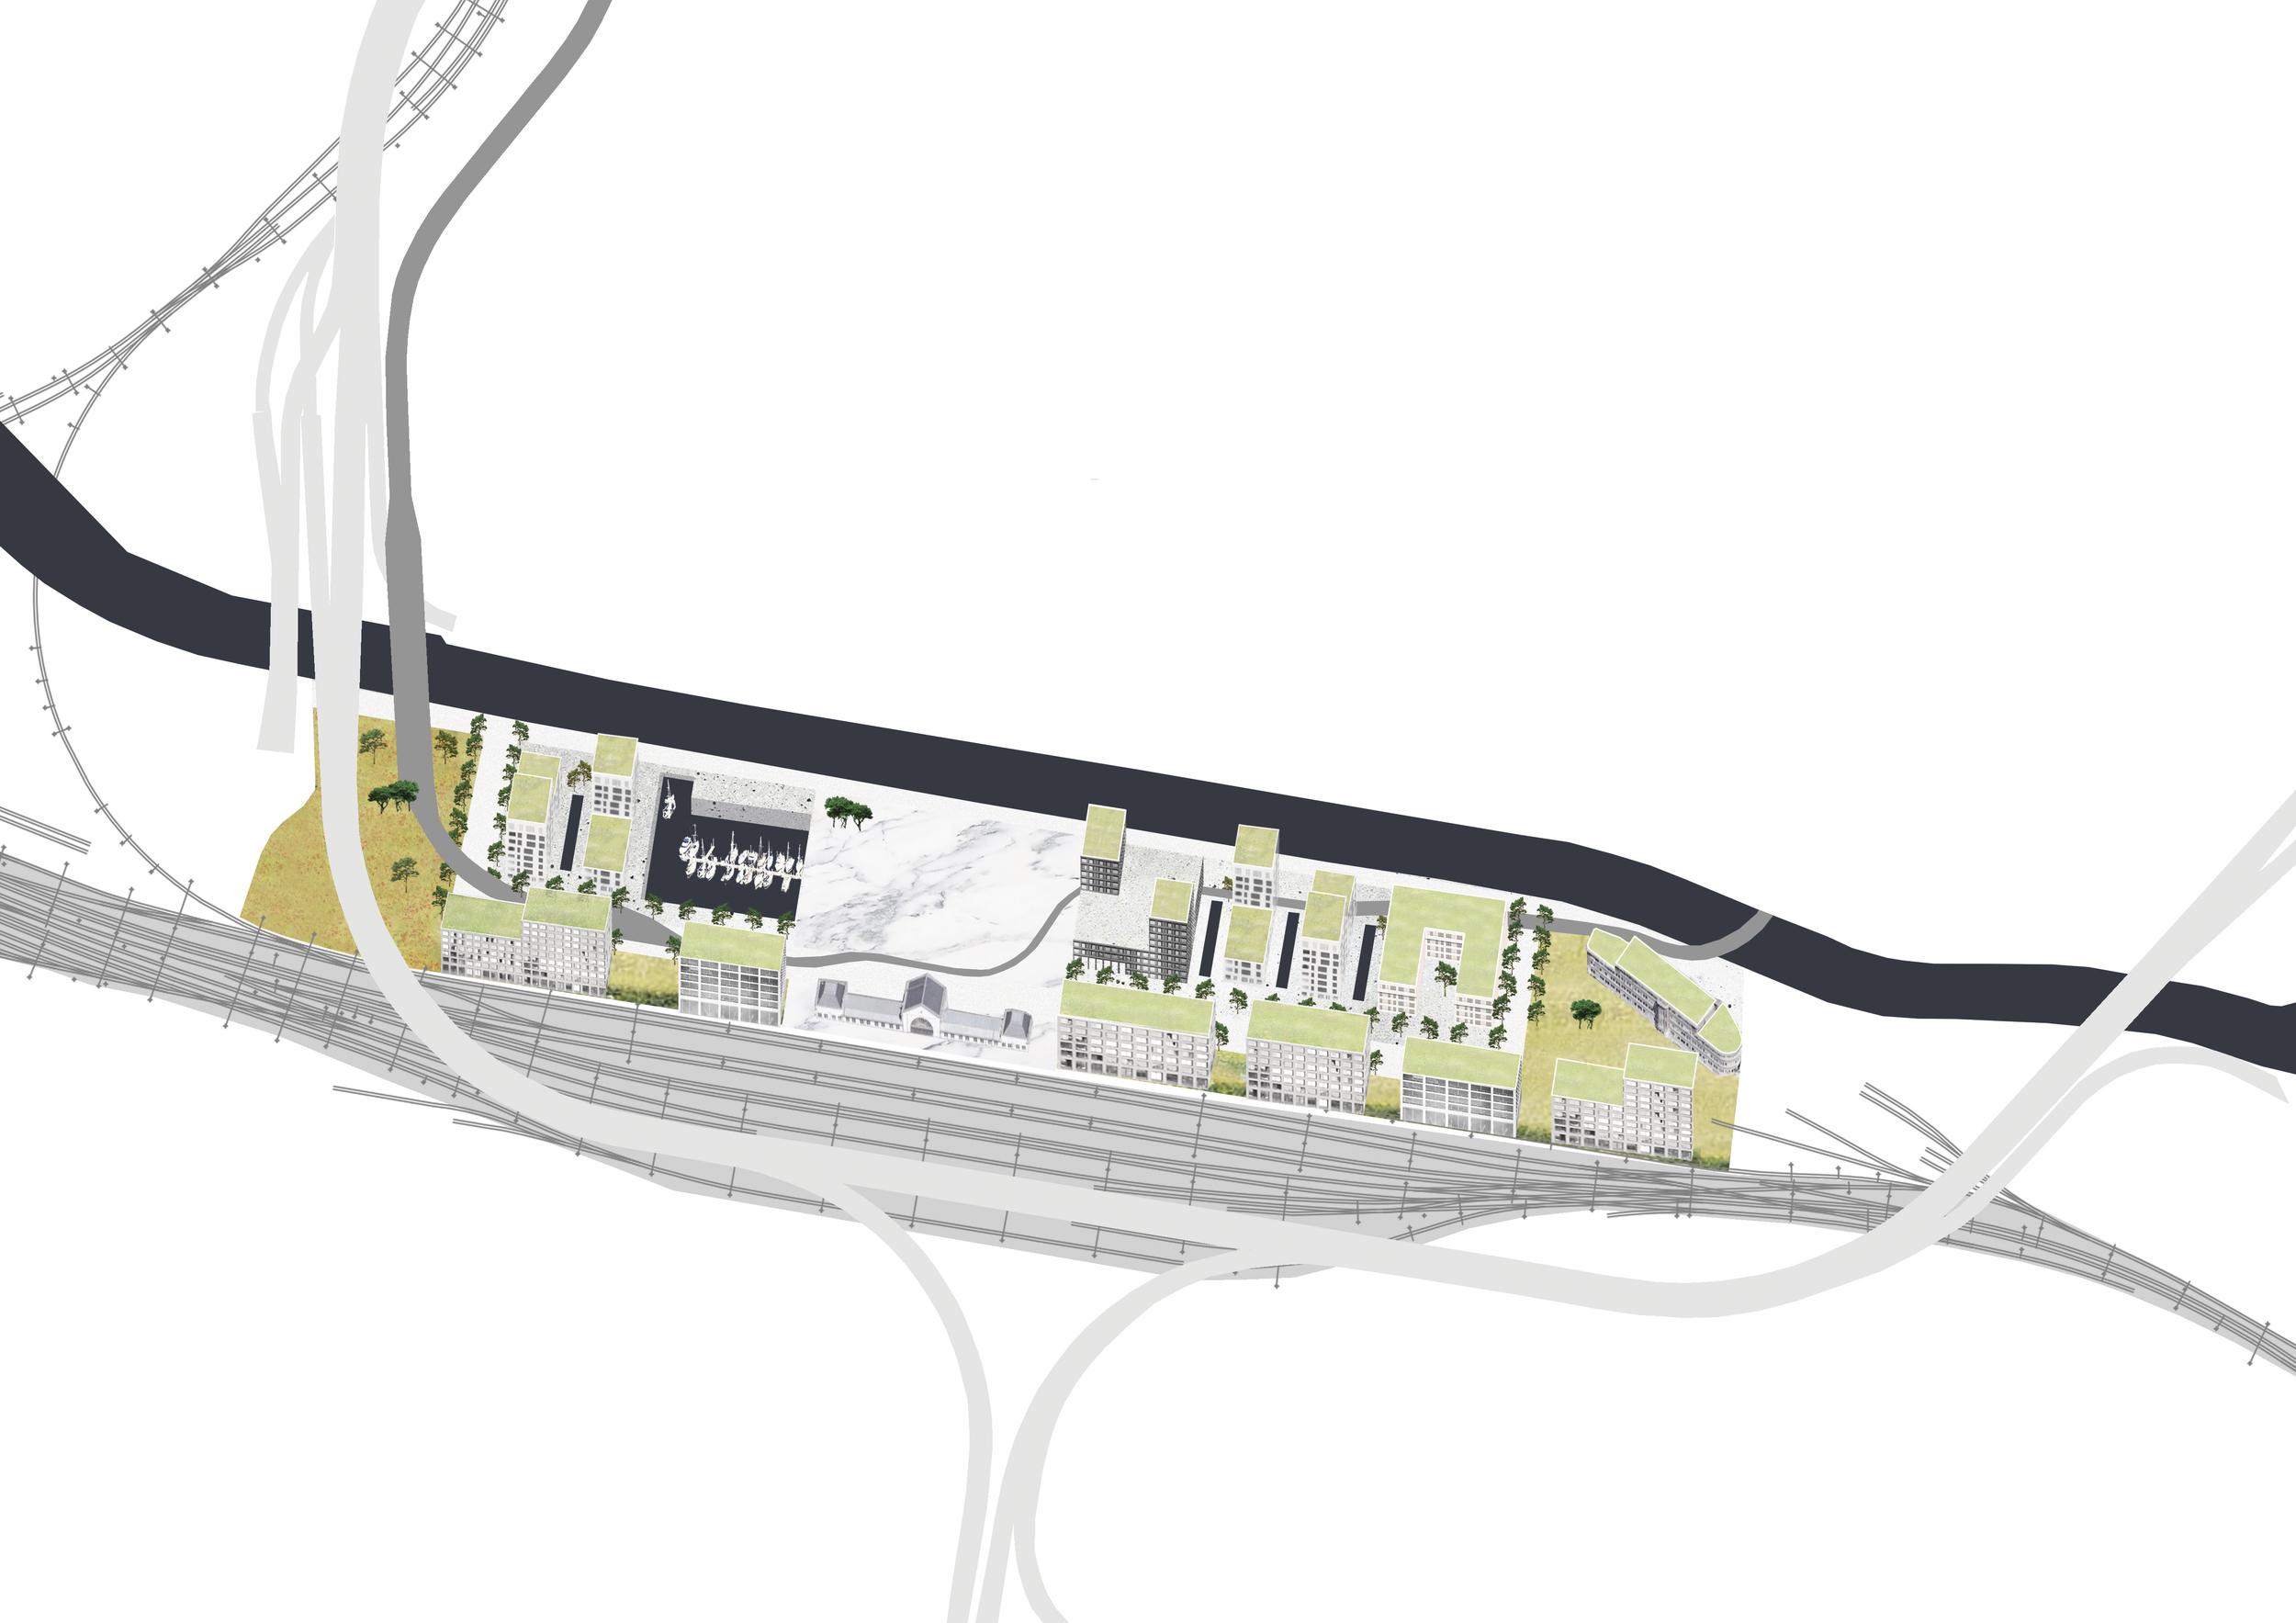 LE PROJET NAUTIQUE   Le projet nautique de la Ville Basse, situé sur la rive droite de la Sambre à proximité de l'esplanade de la gare, donne forme à la réflexion que mène actuellement la Ville de Charleroi sur ses paysages particuliers...   + d'informations